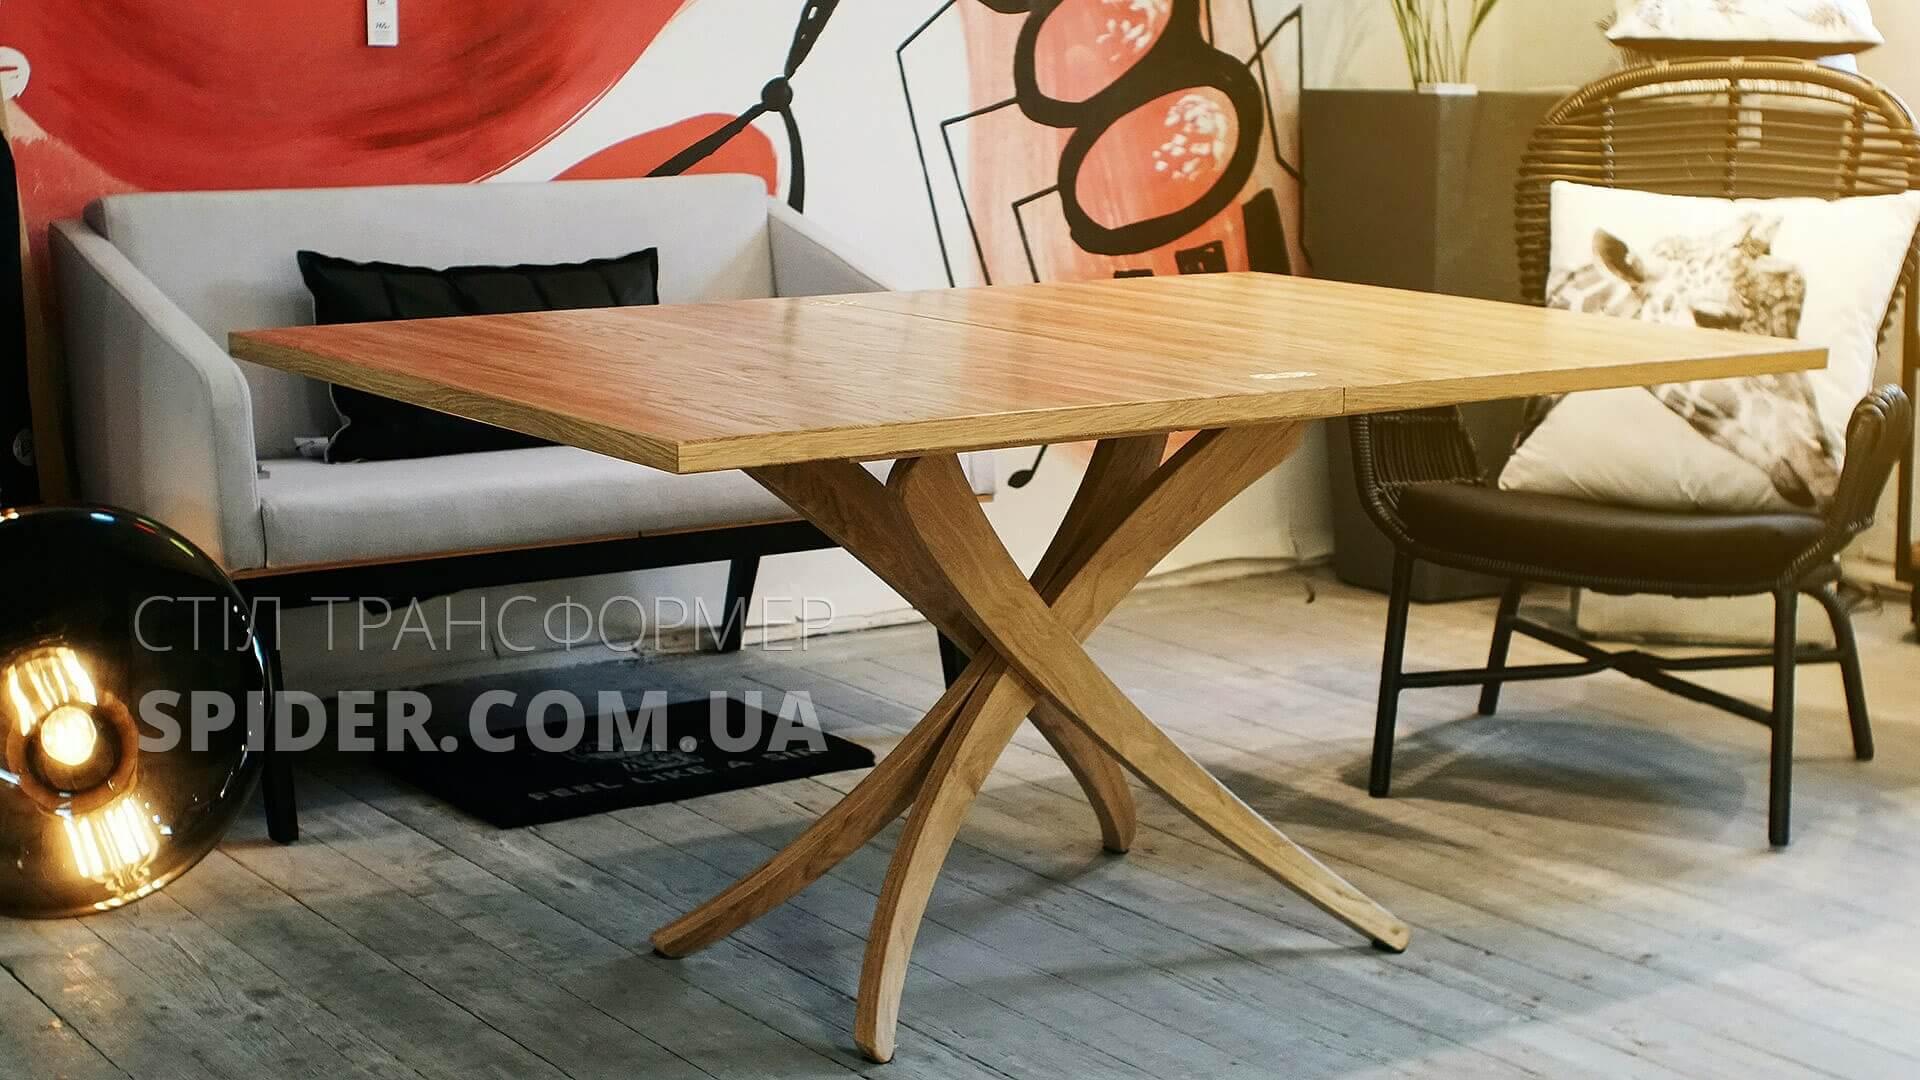 купить раскладной кухонный стол